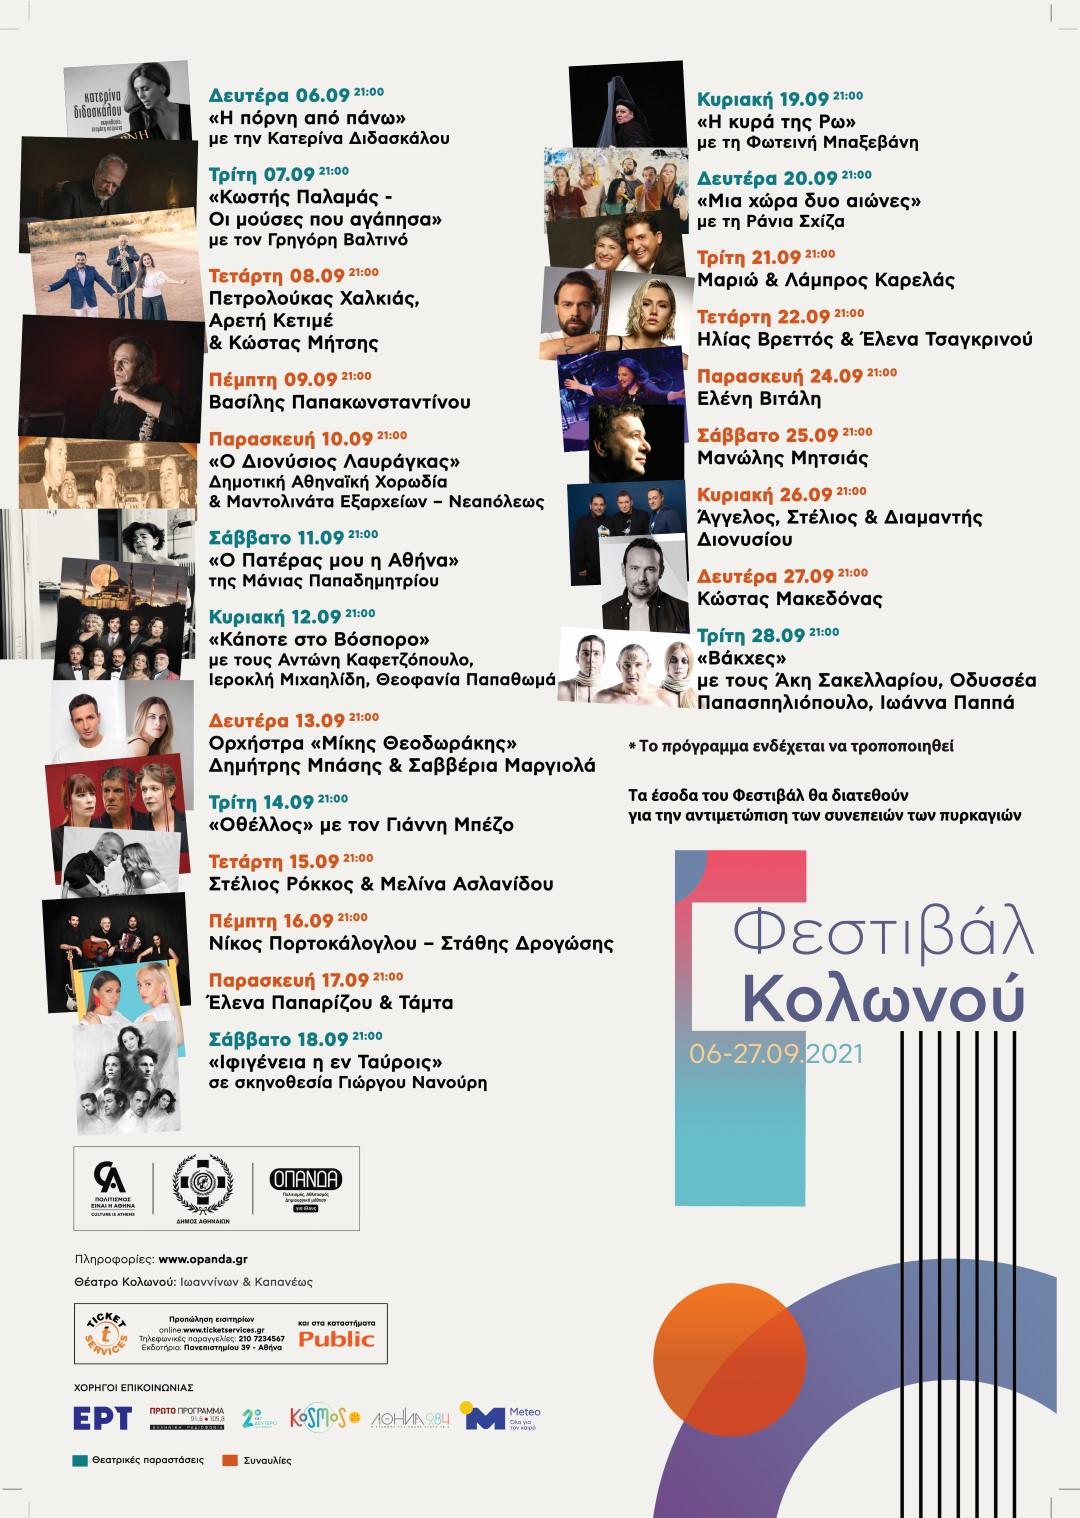 αφίσα πρόγραμμα ΦΕΣΤΙΒΑΛ ΚΟΛΩΝΟΥ